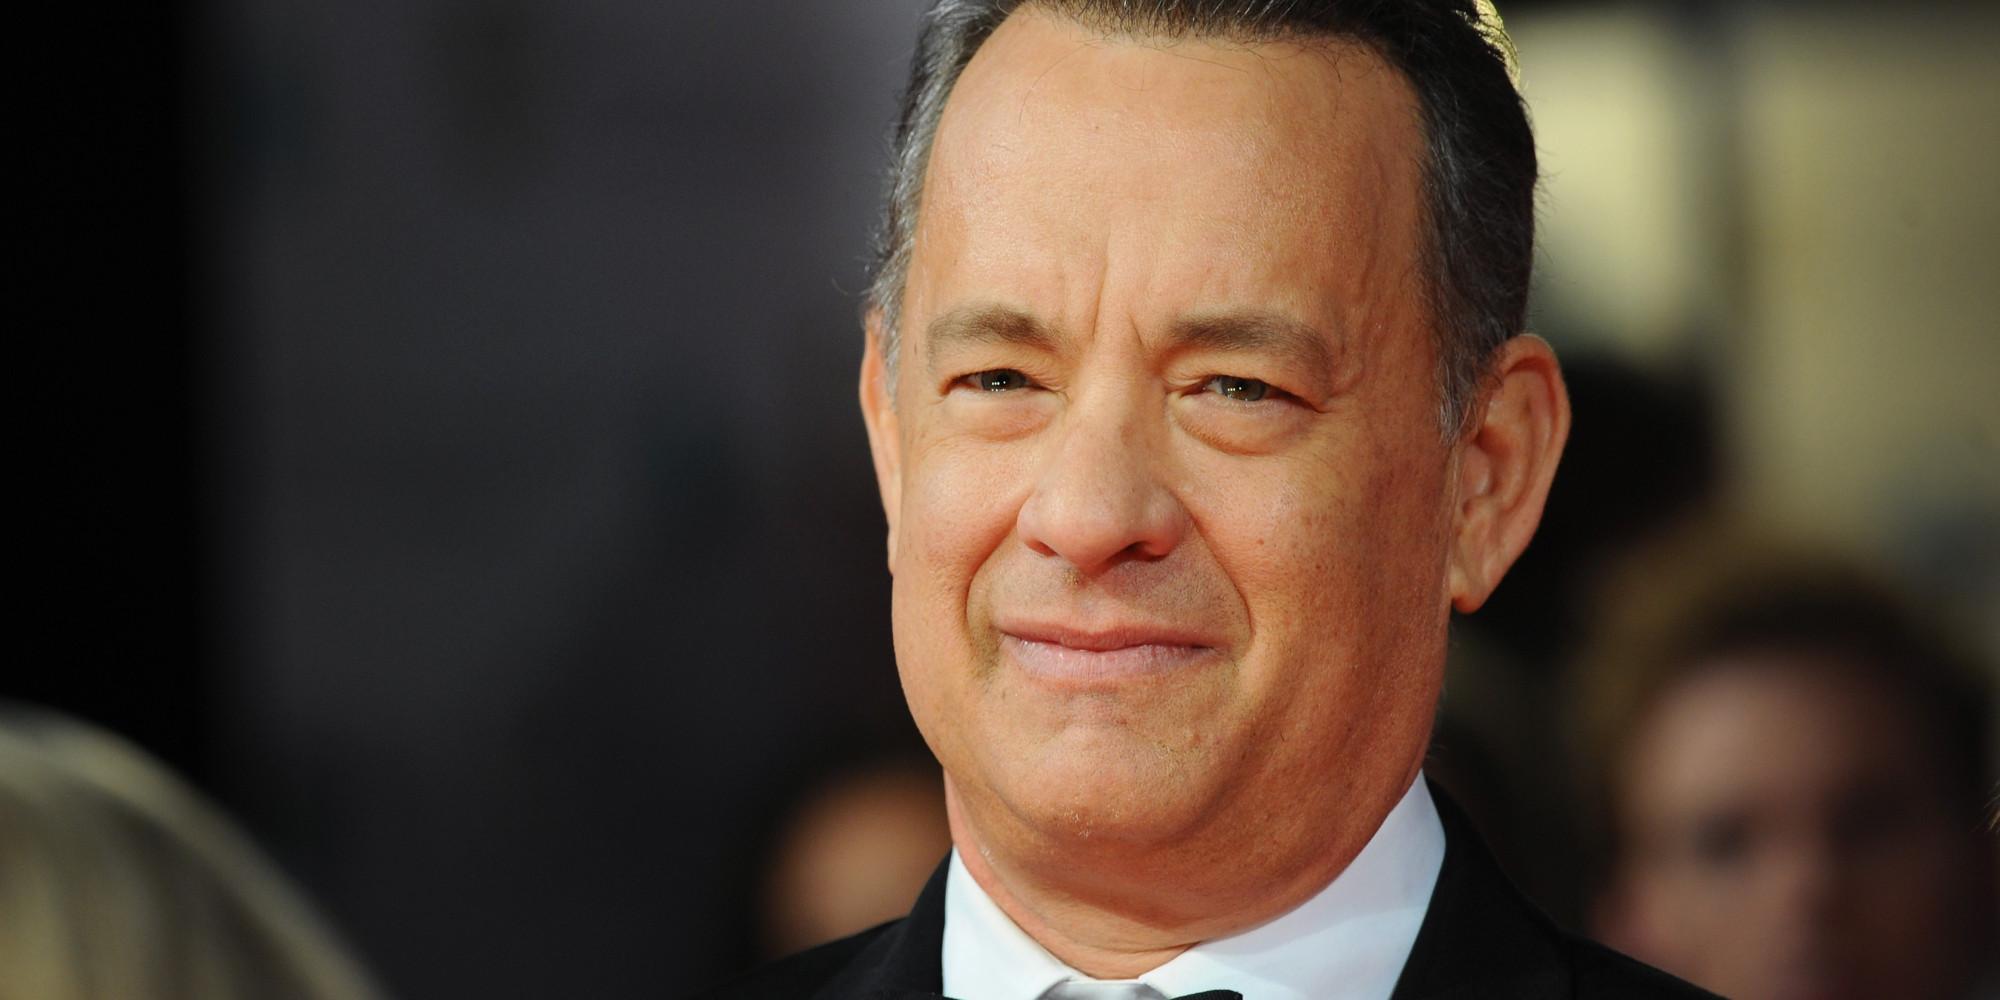 Tom Hanks Son Ncis